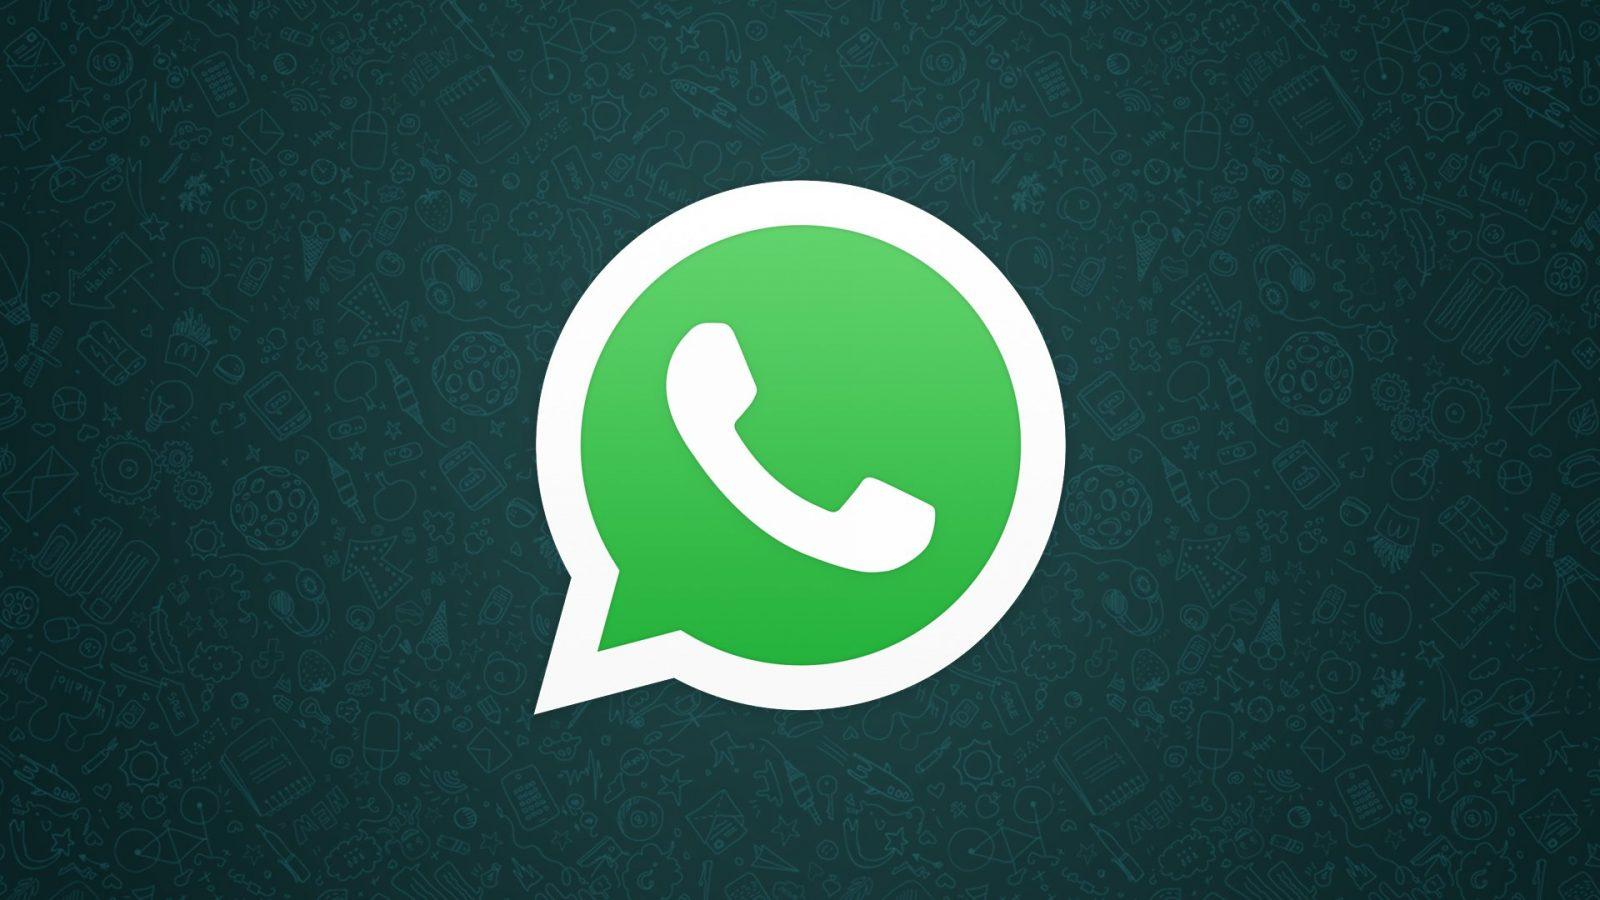 Jak zainstalować WhatsApp na iPadzie z iOS10 bez Jailbreaka?